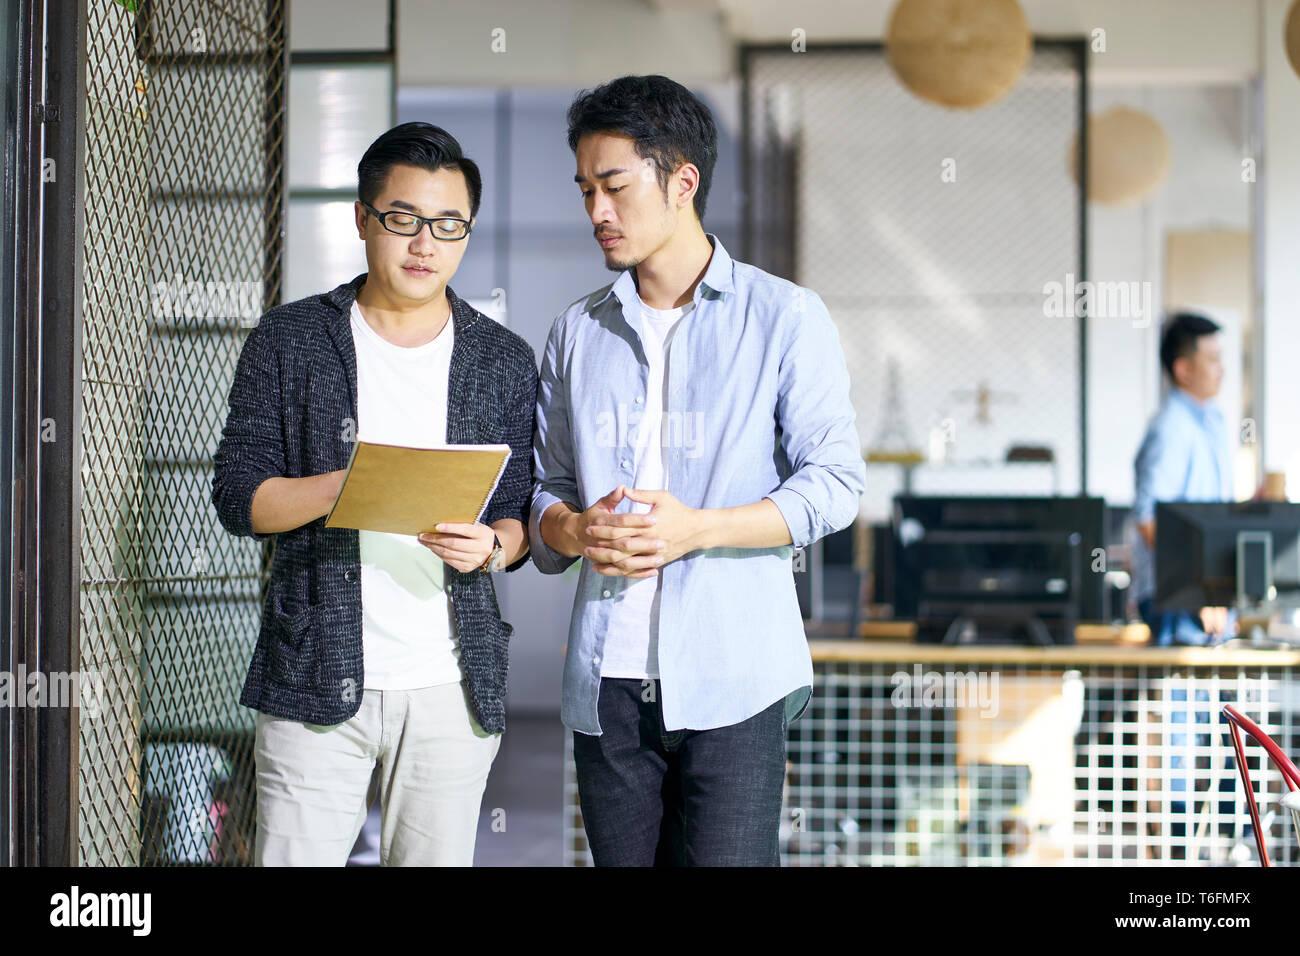 Dos jóvenes compañeros hablando de negocios asiáticos mientras camina en la oficina. Foto de stock